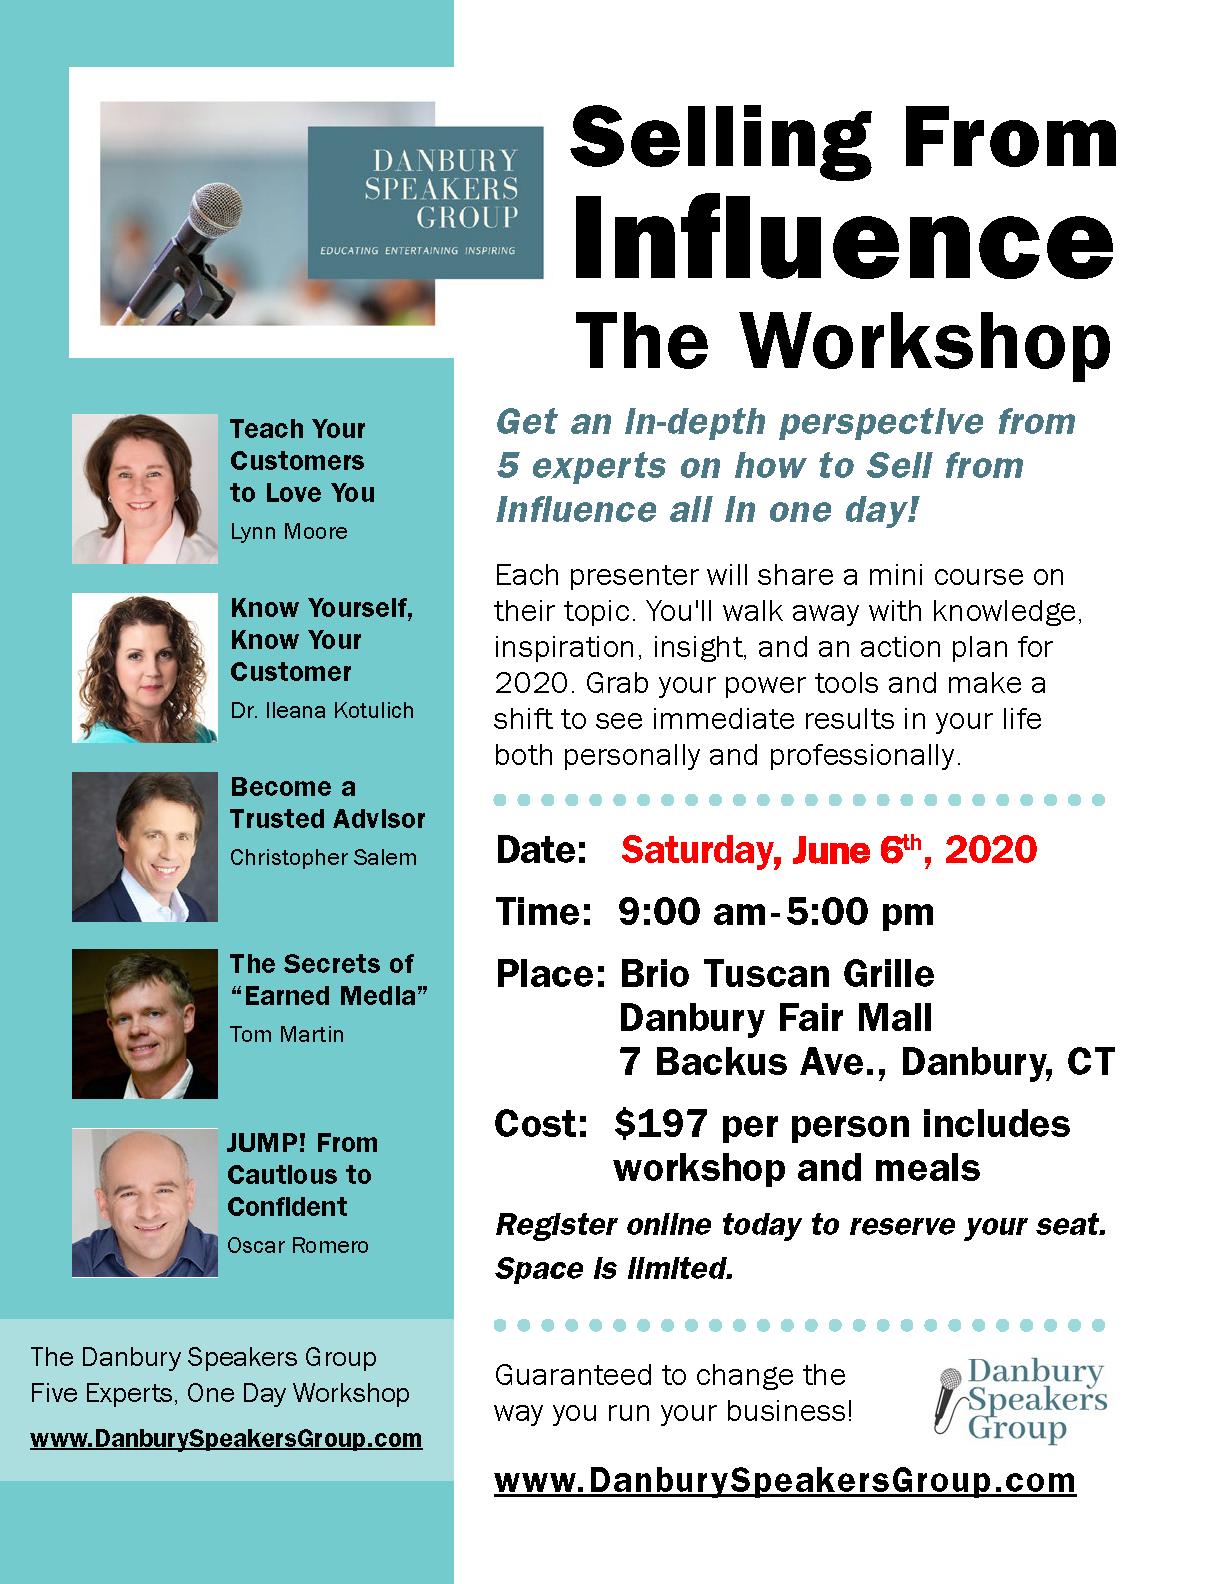 danbury speakers group workshop flyer june 6 2020 oR3aQx.tmp